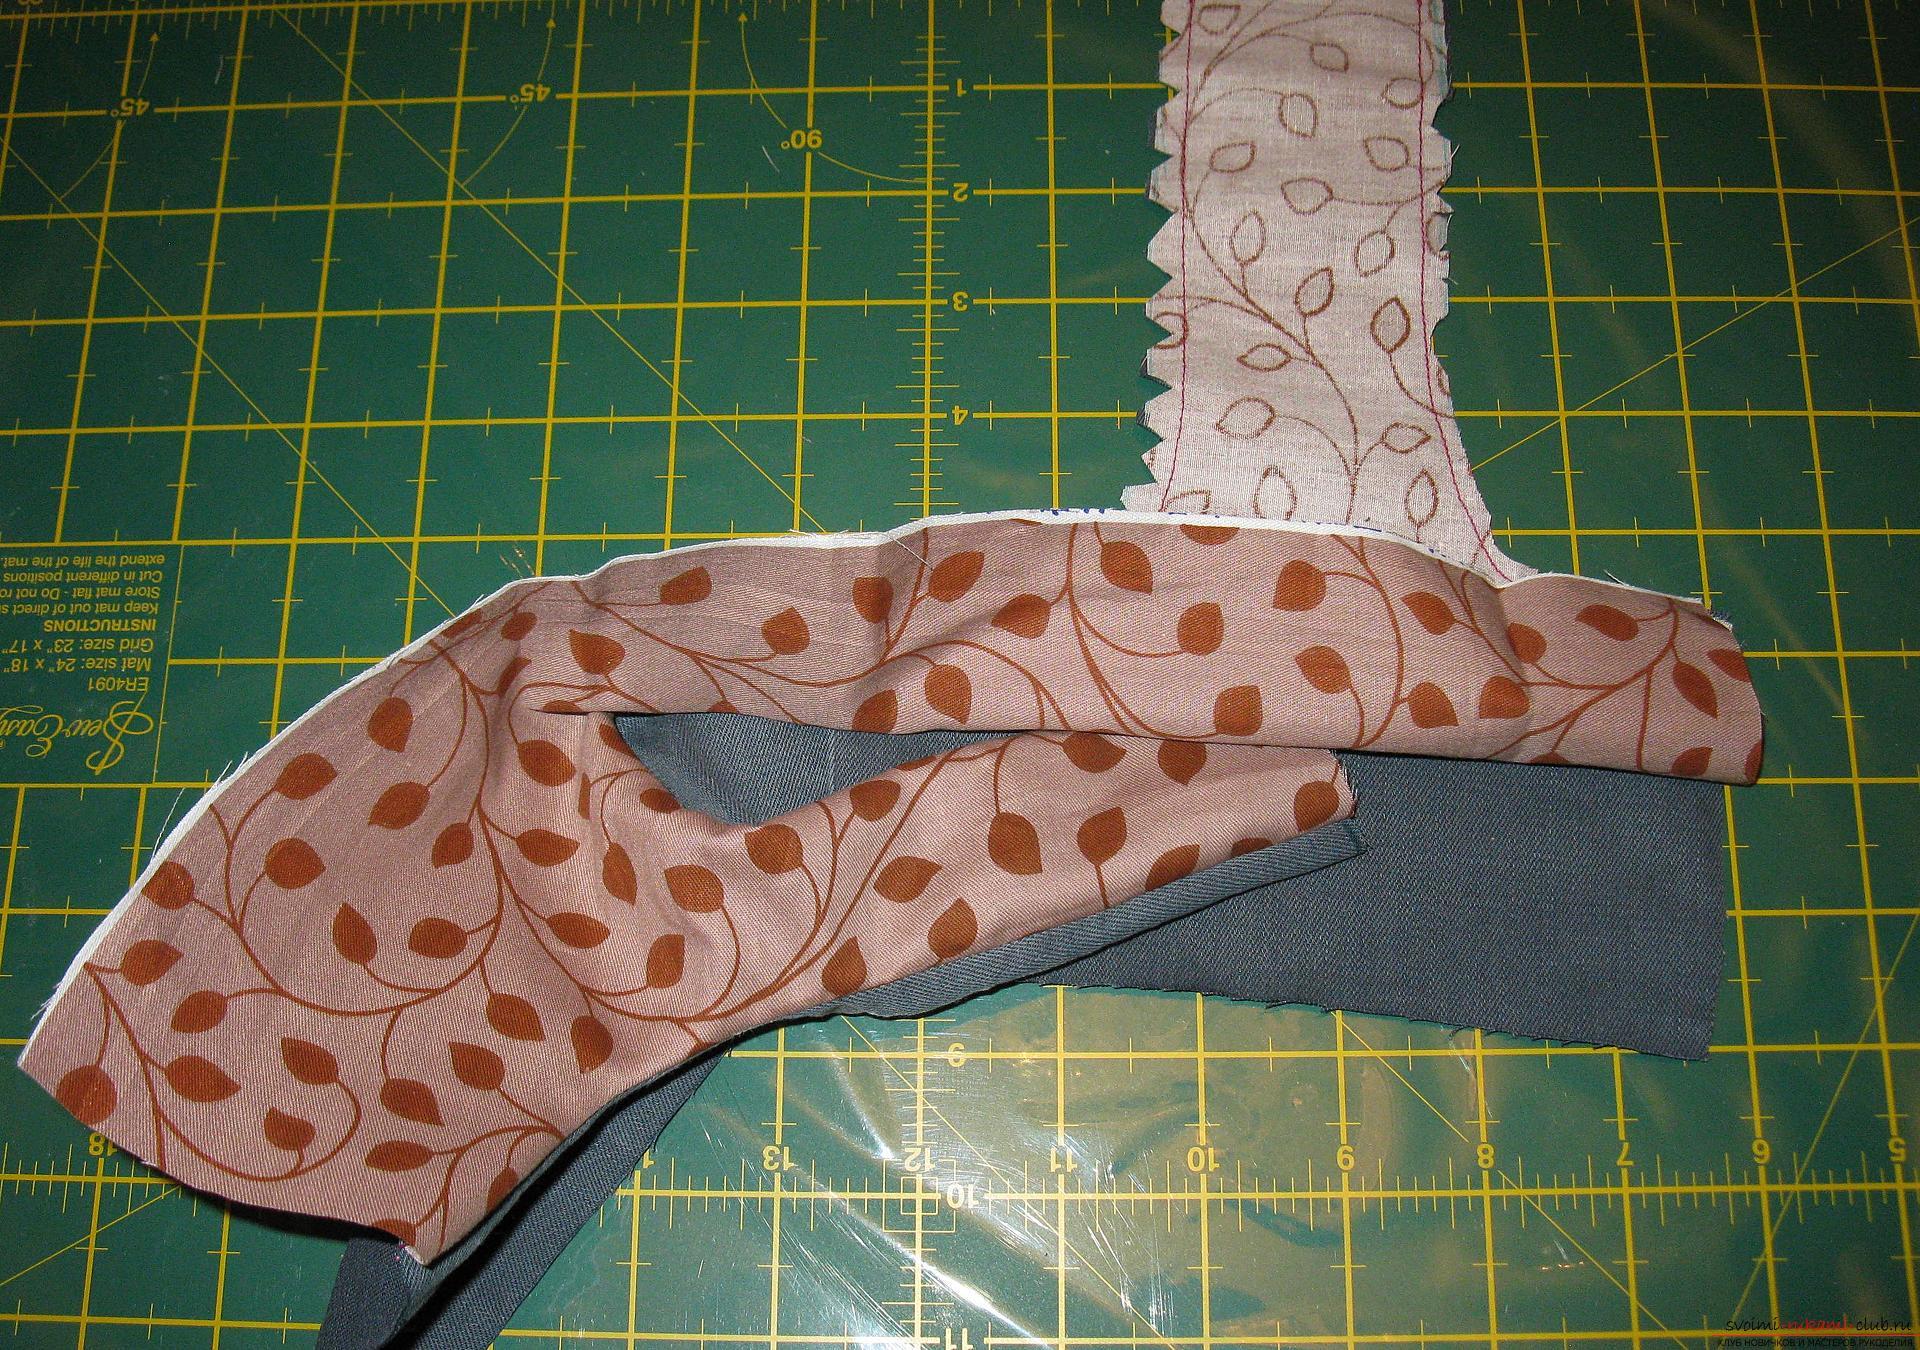 Пошаговые фото к уроку по пошиву хозяйственной сумки. Фото №6